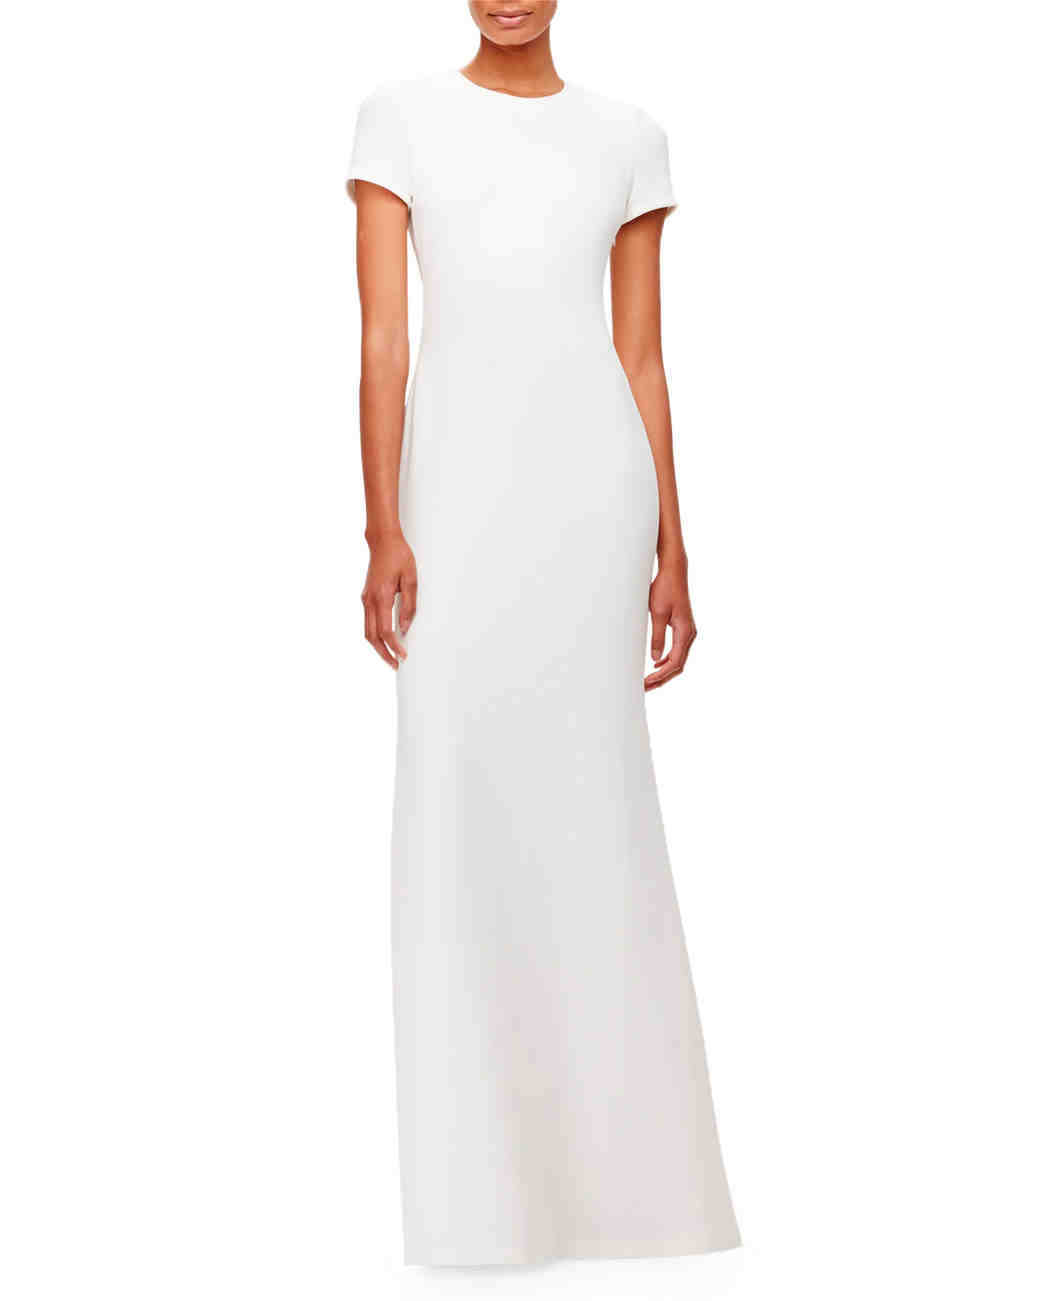 little-white-dress-calvin-klein-bg-2995-1115.jpg